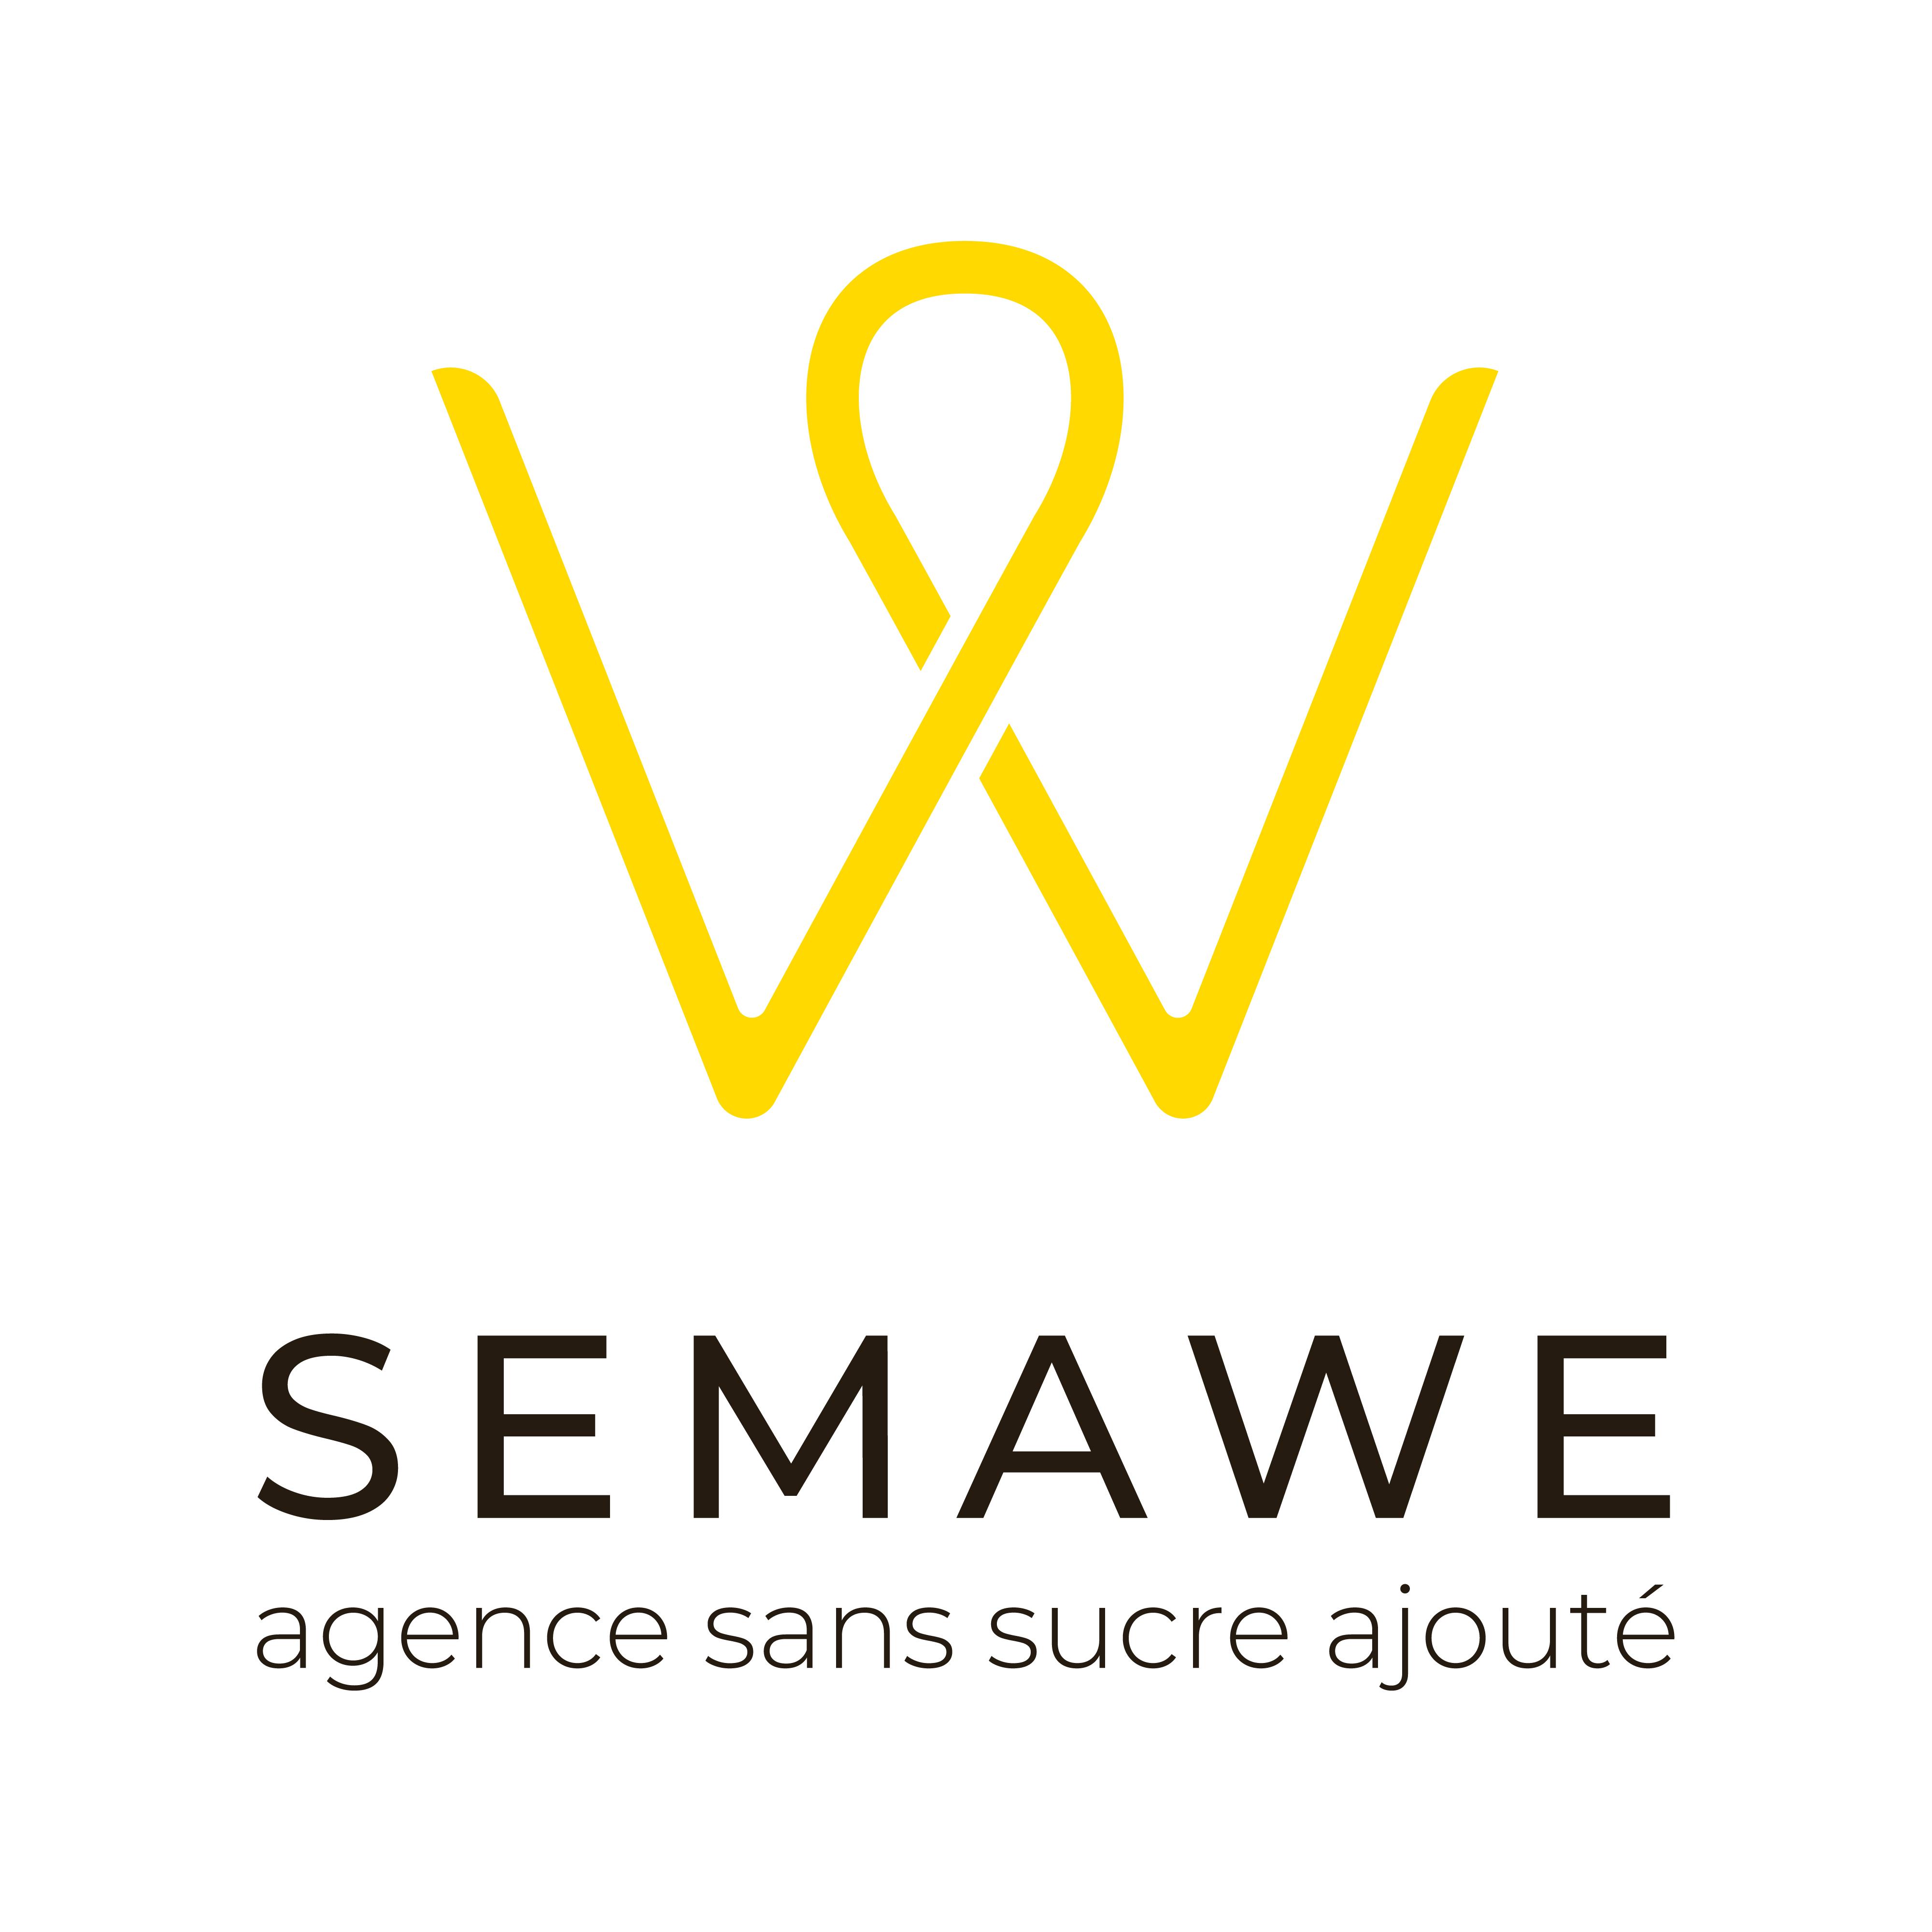 Semawe logo